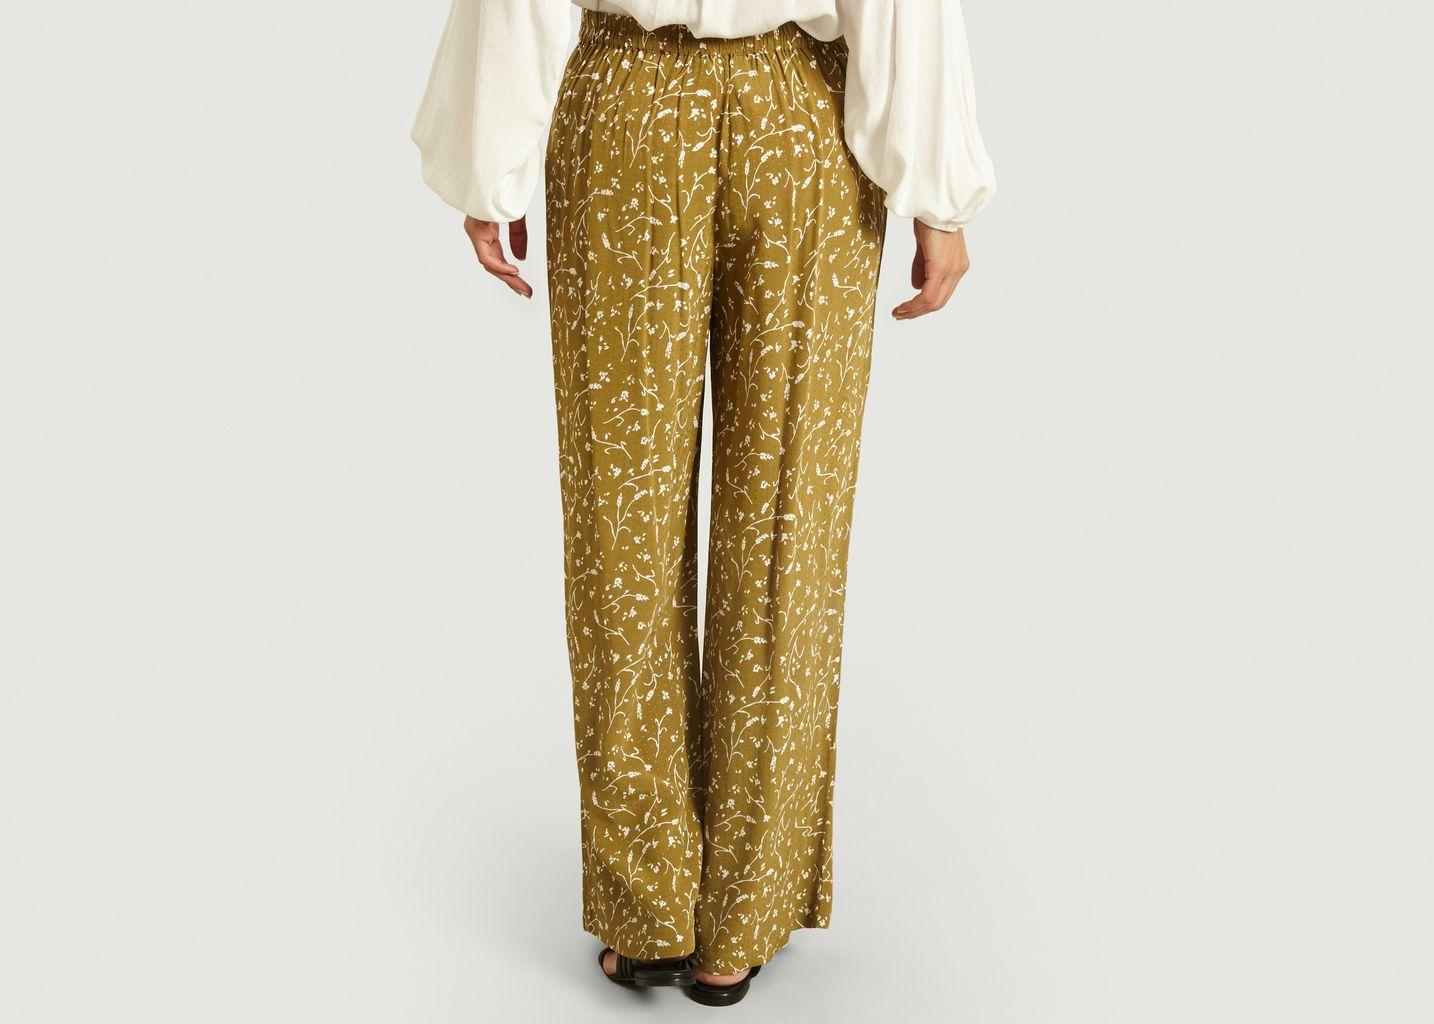 Pantalon motif fleuri Ganda - Samsoe Samsoe